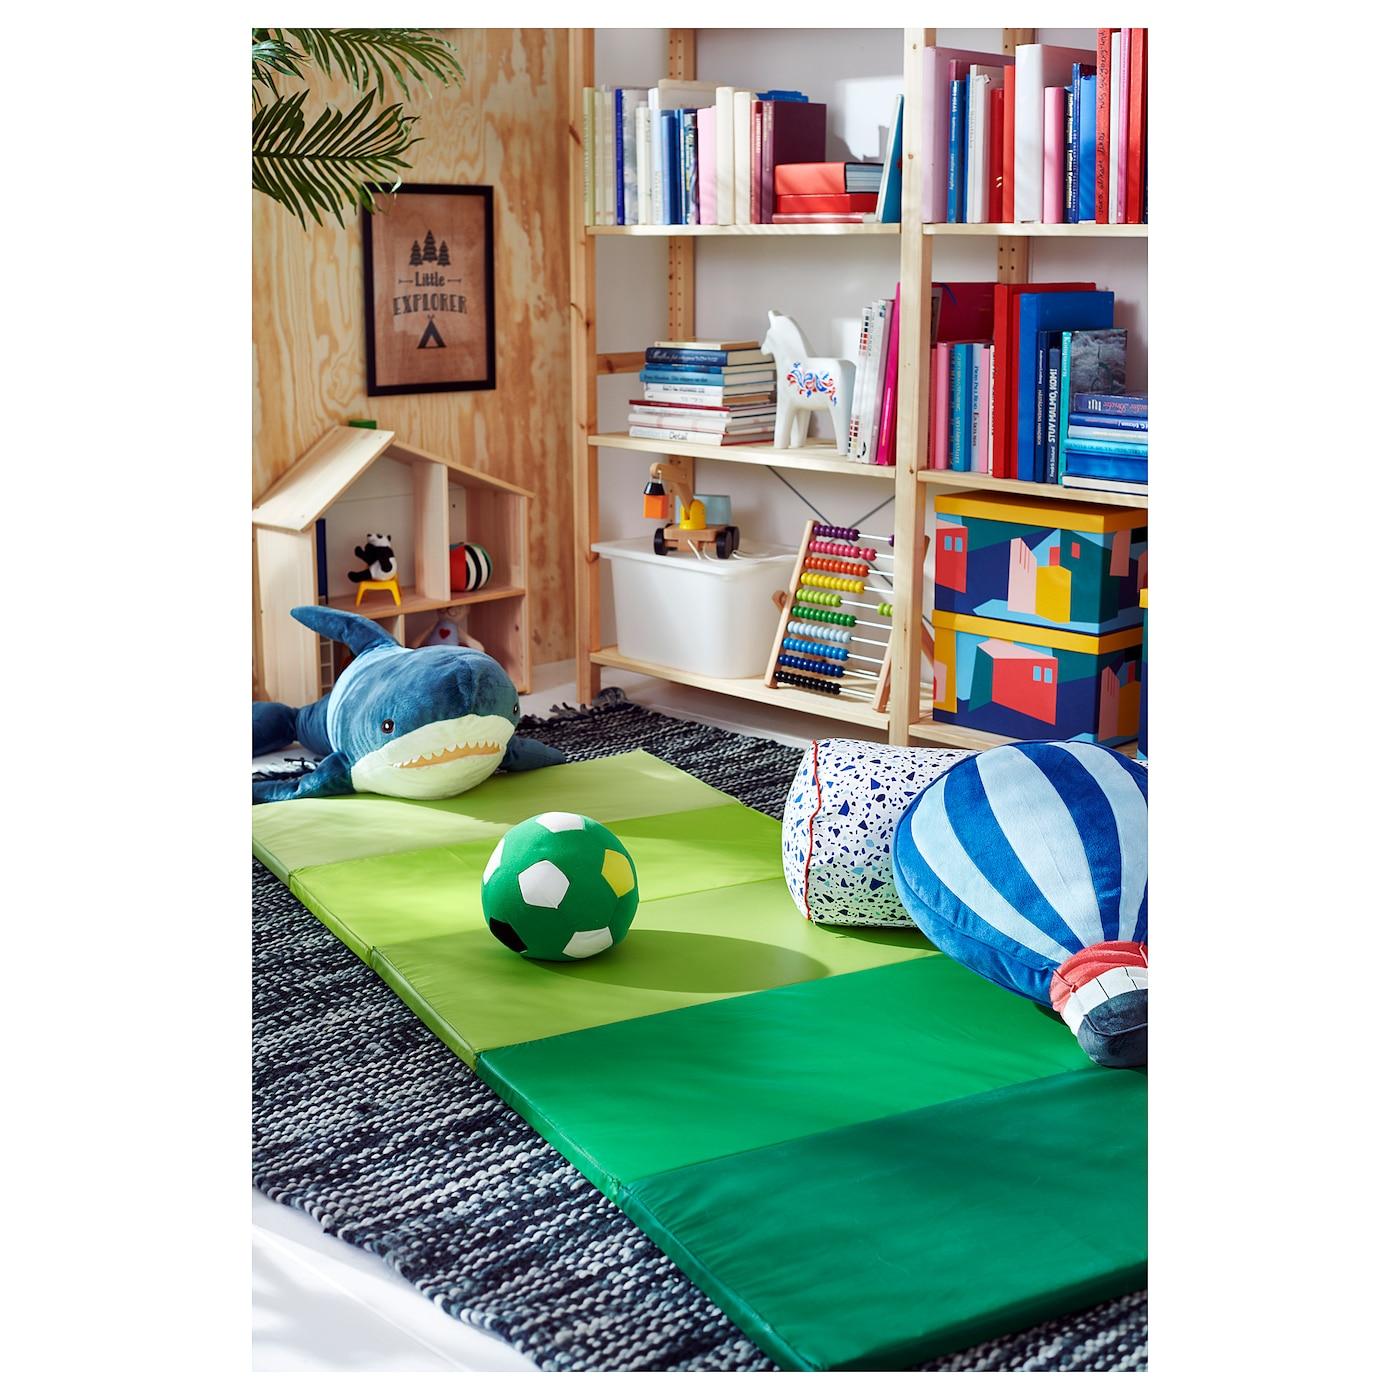 PLUFSIG Folding gym mat, green, 78x185 cm